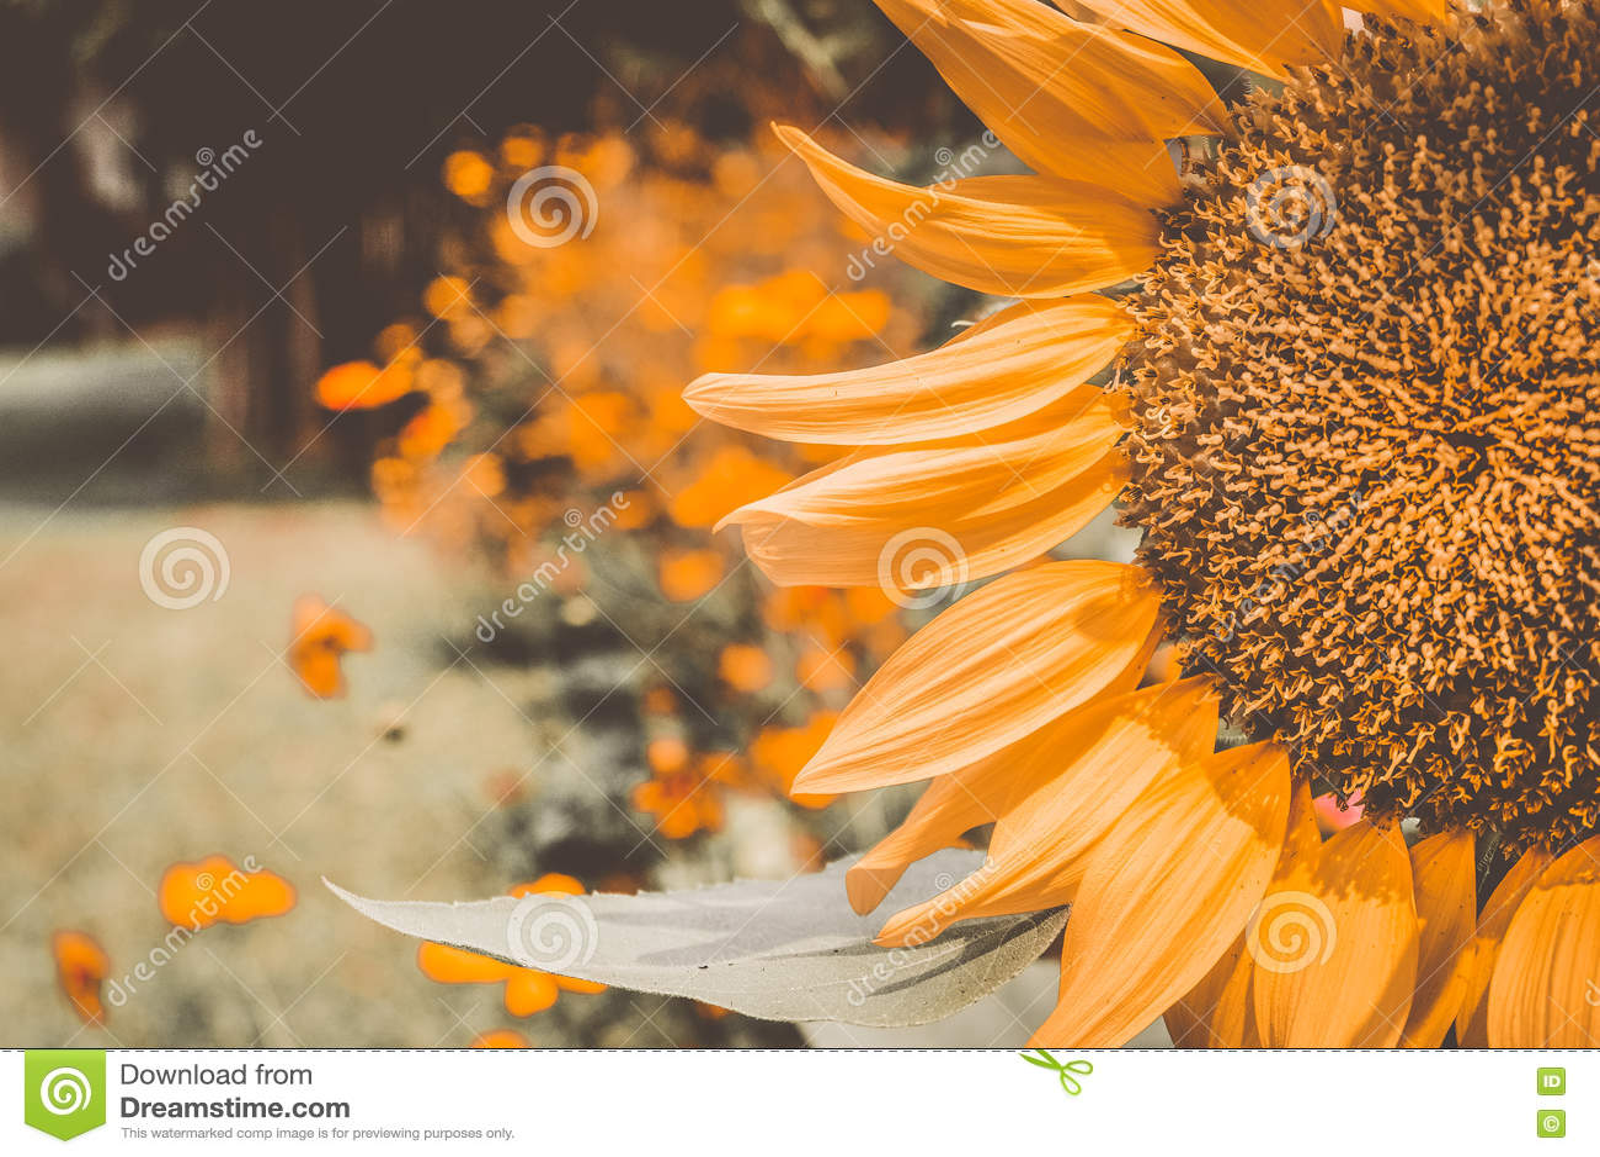 Beste Sonnenblumen Färbung Bilder Fotos - Beispiel Wiederaufnahme ...